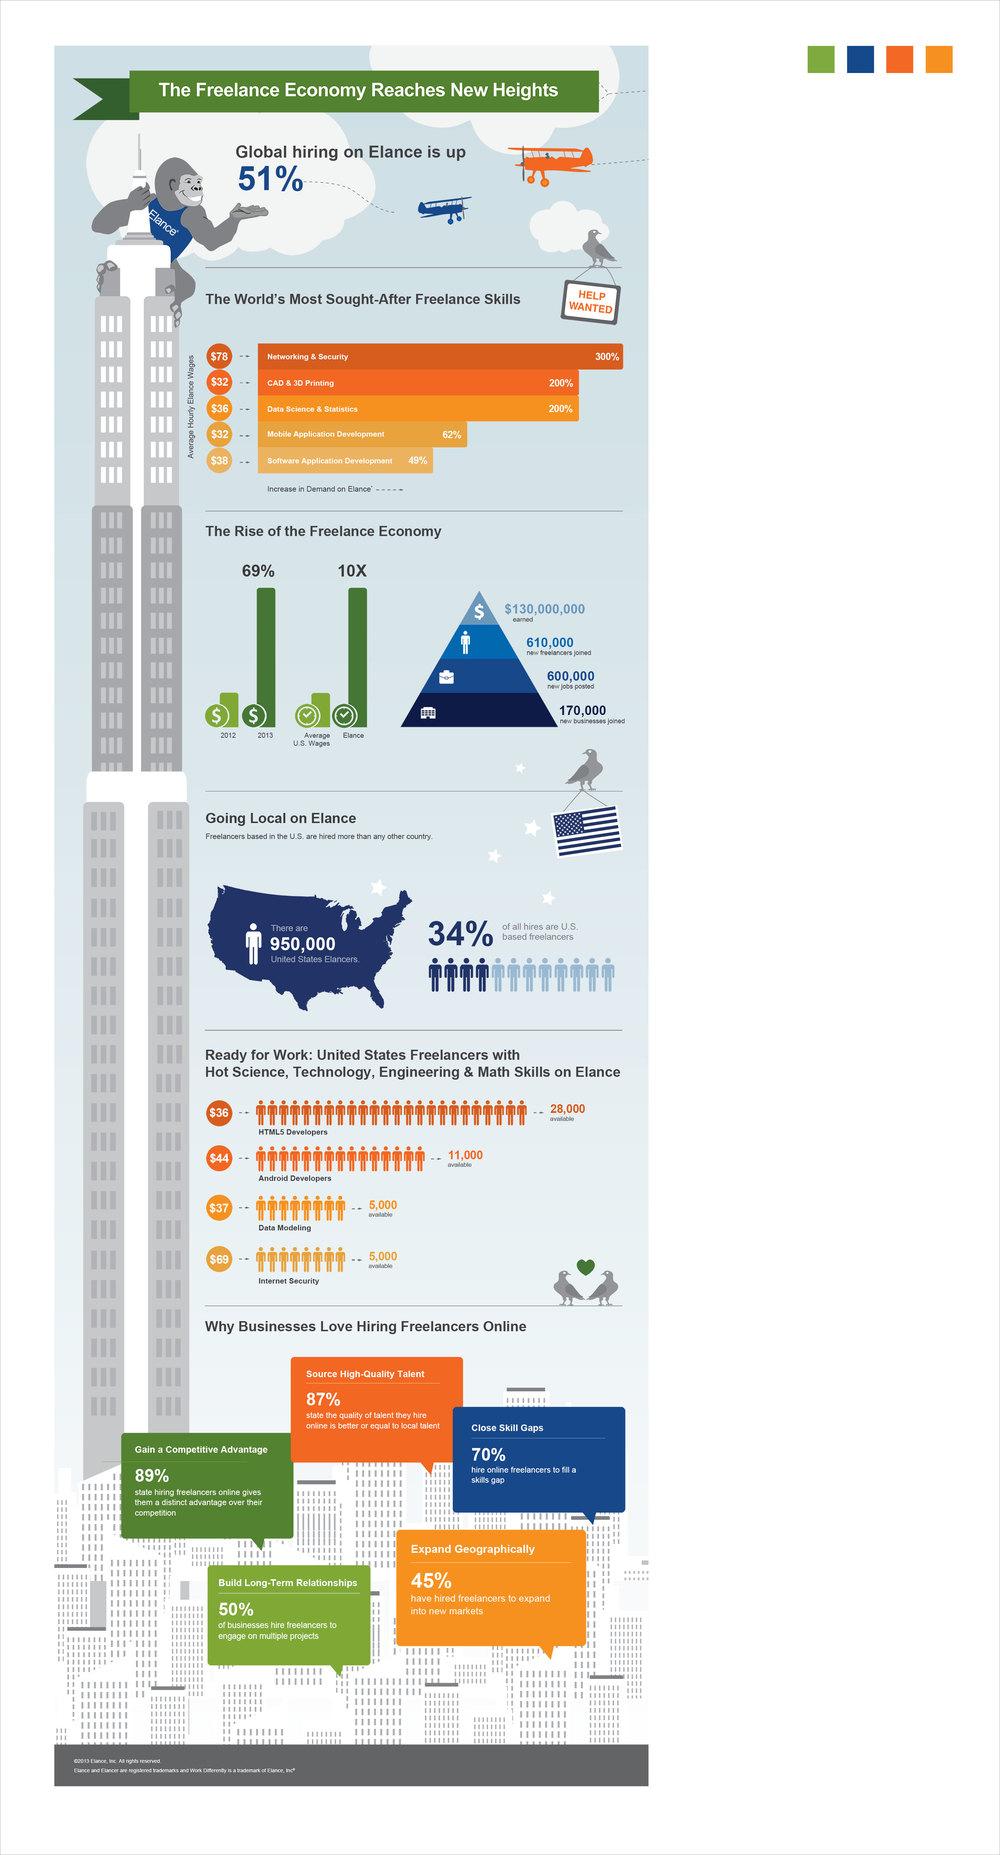 elance-infographic-white-2.jpg